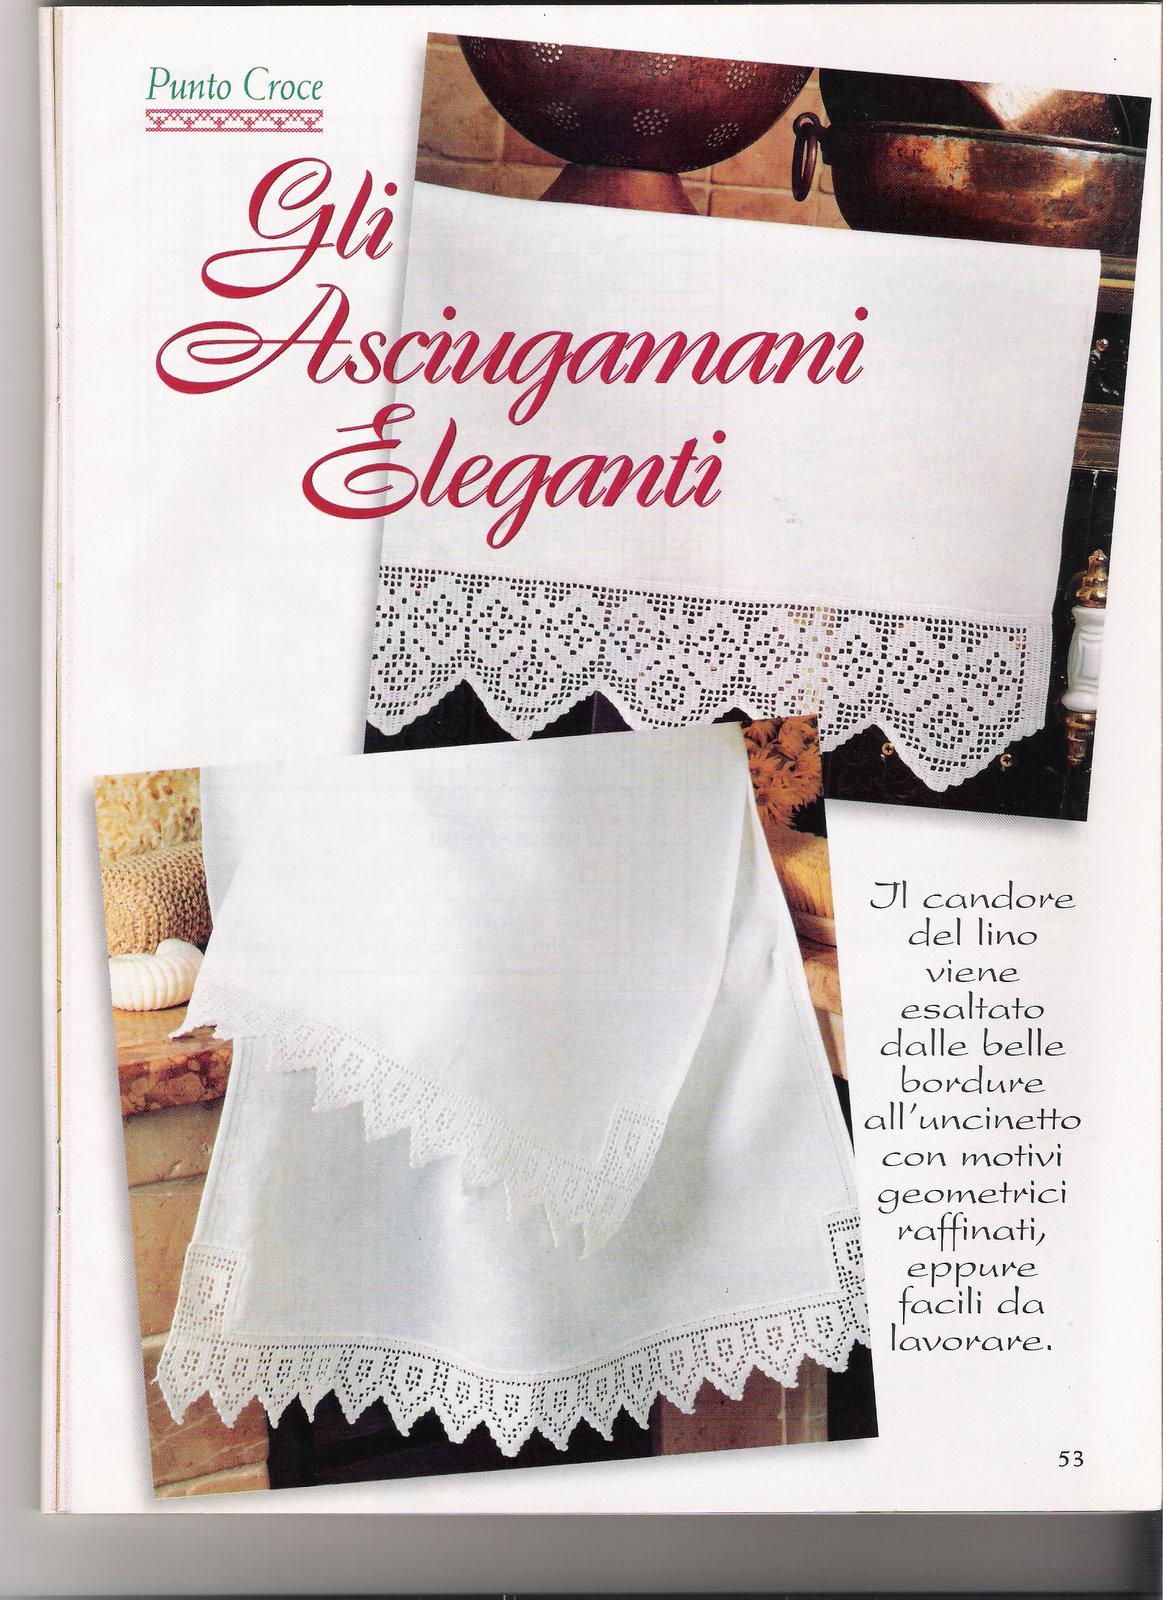 Bordi filet asciugamani 1 punto croce for Schemi bordi uncinetto per asciugamani